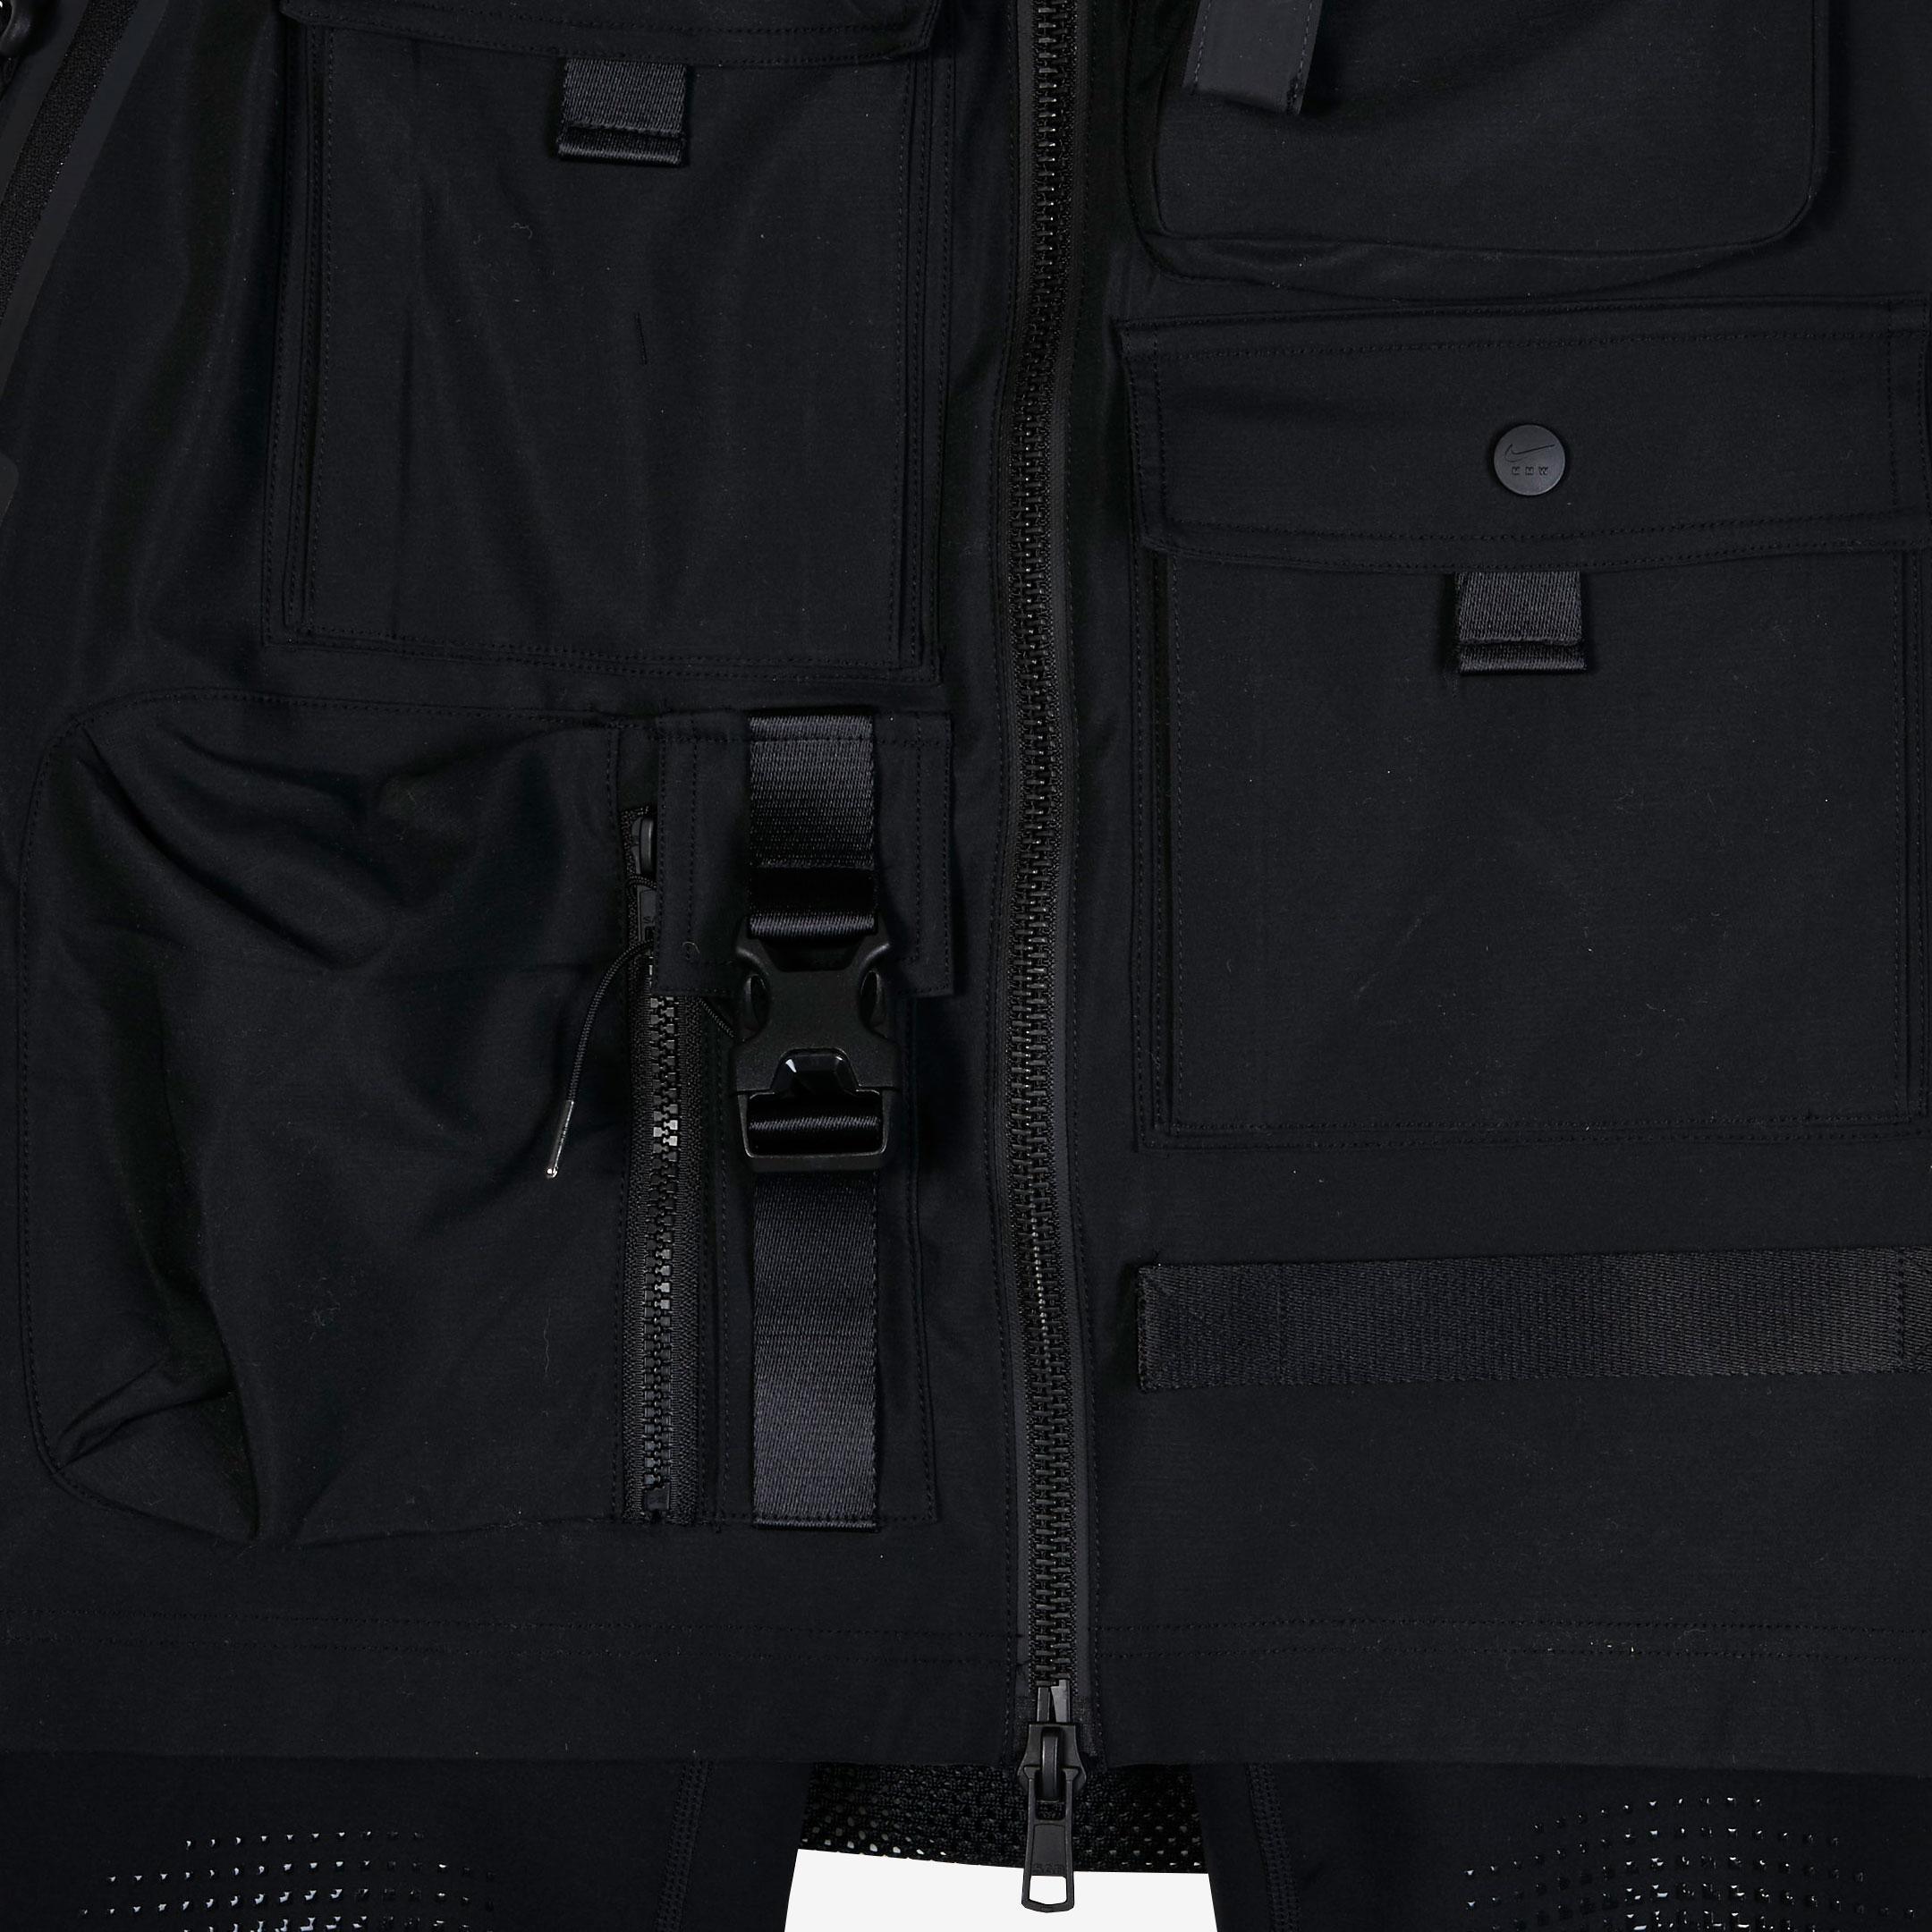 ef061c617 Nike 2-In-1 Skirt x MMW - Ar5618-010 - Sneakersnstuff | sneakers ...